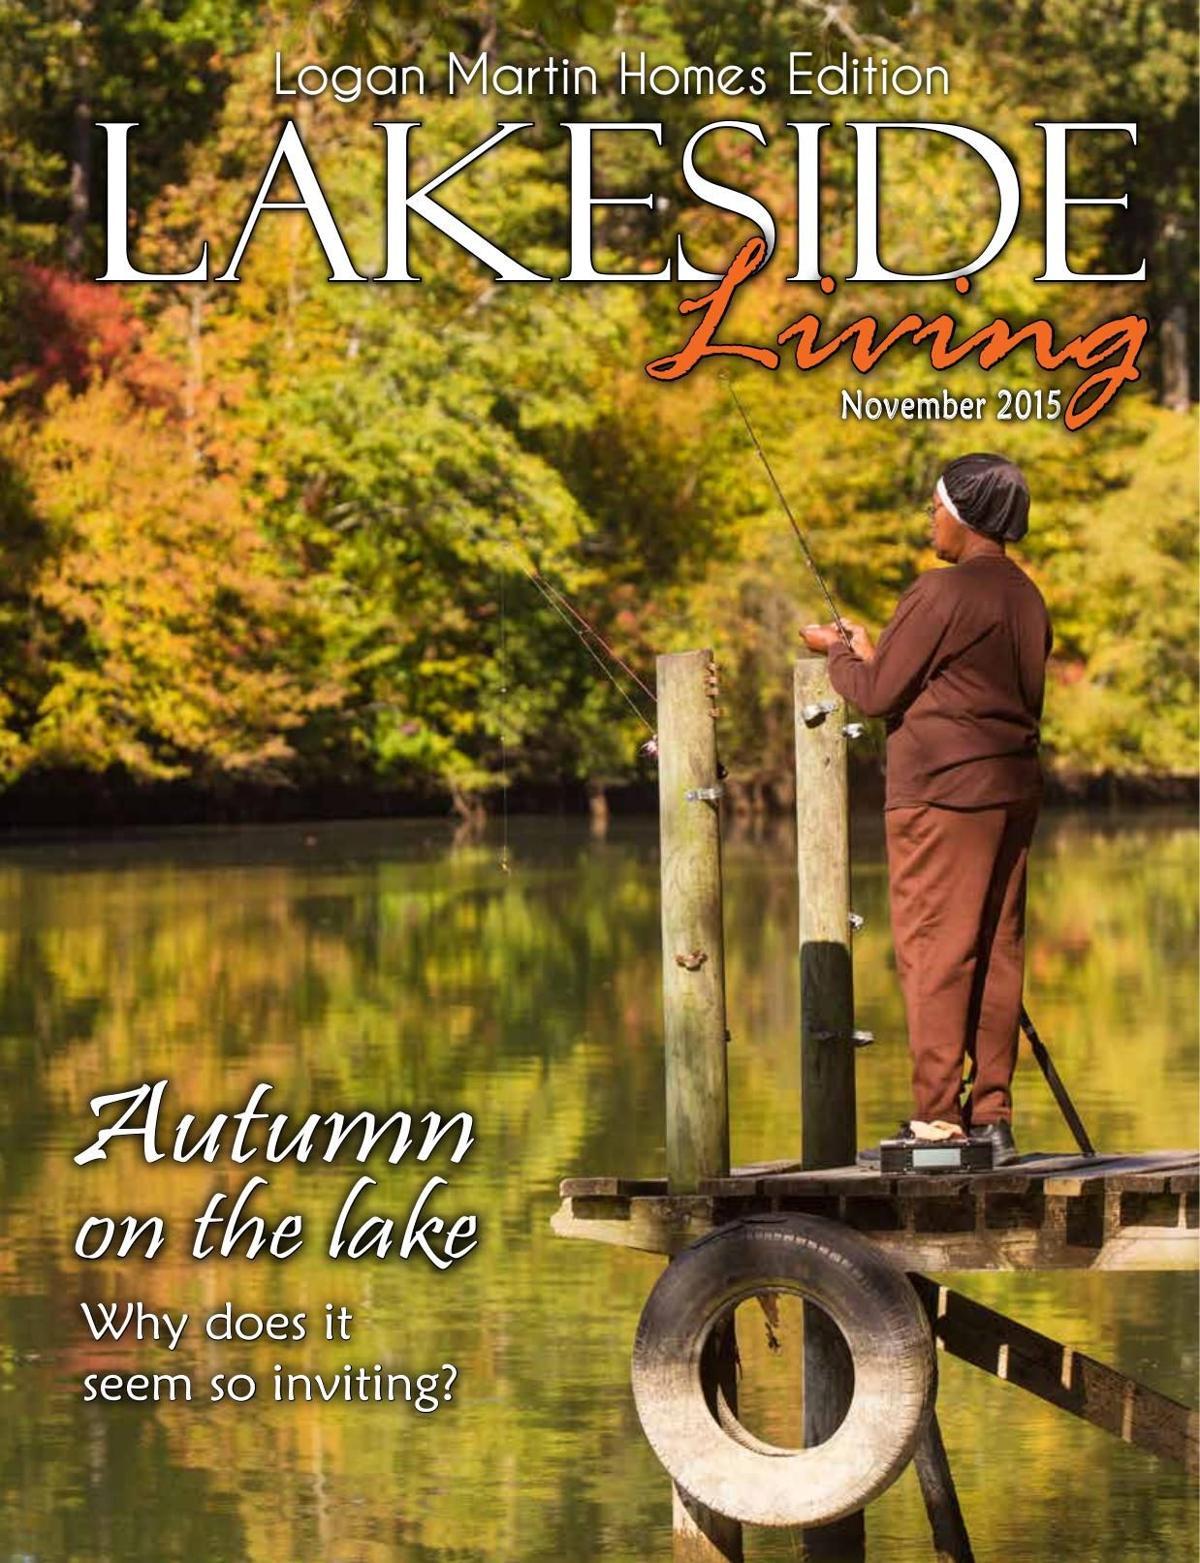 Lakeside - November 2015